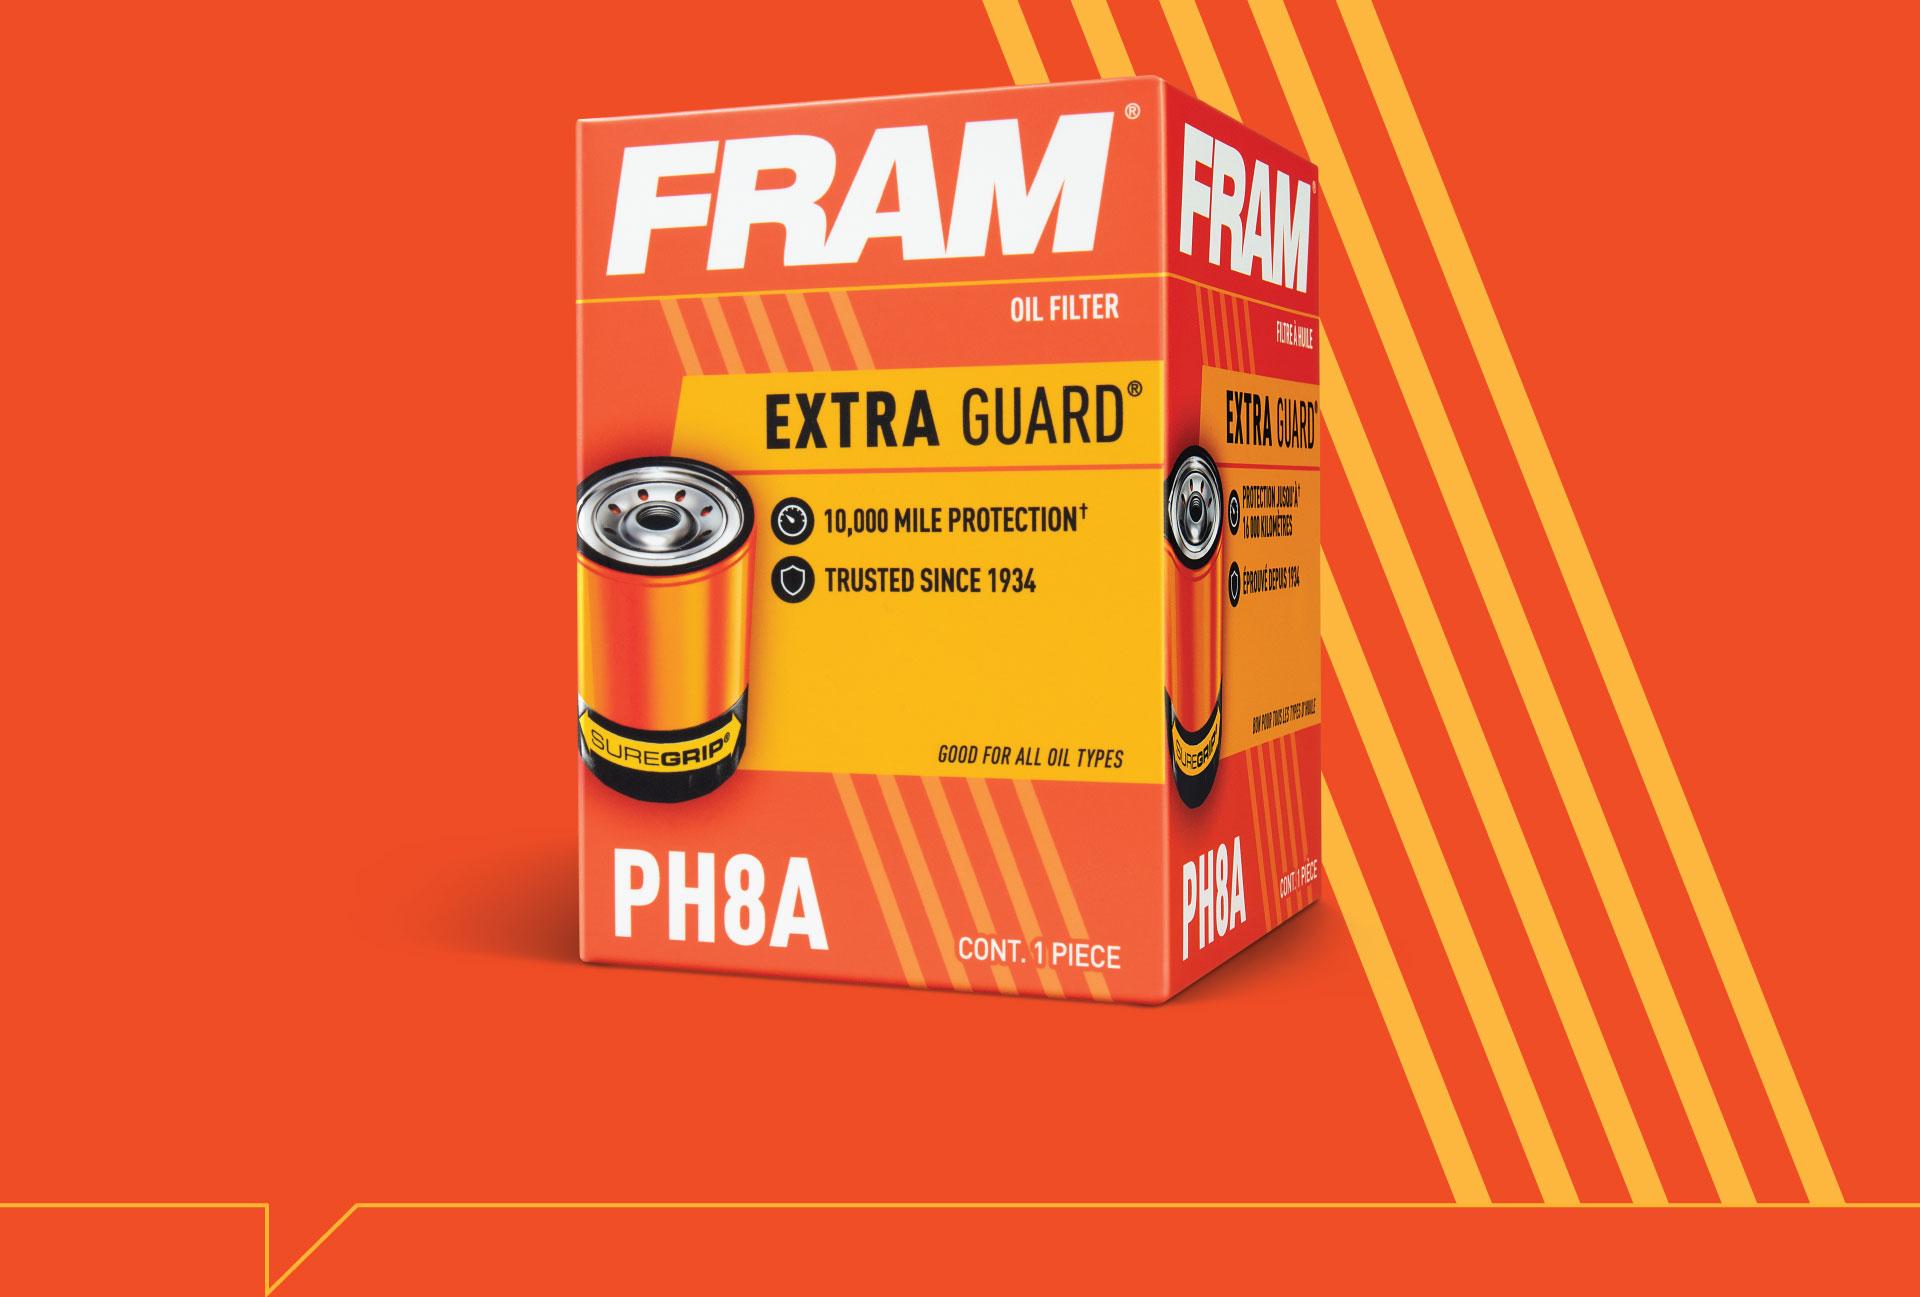 FRAM - Packaging Design